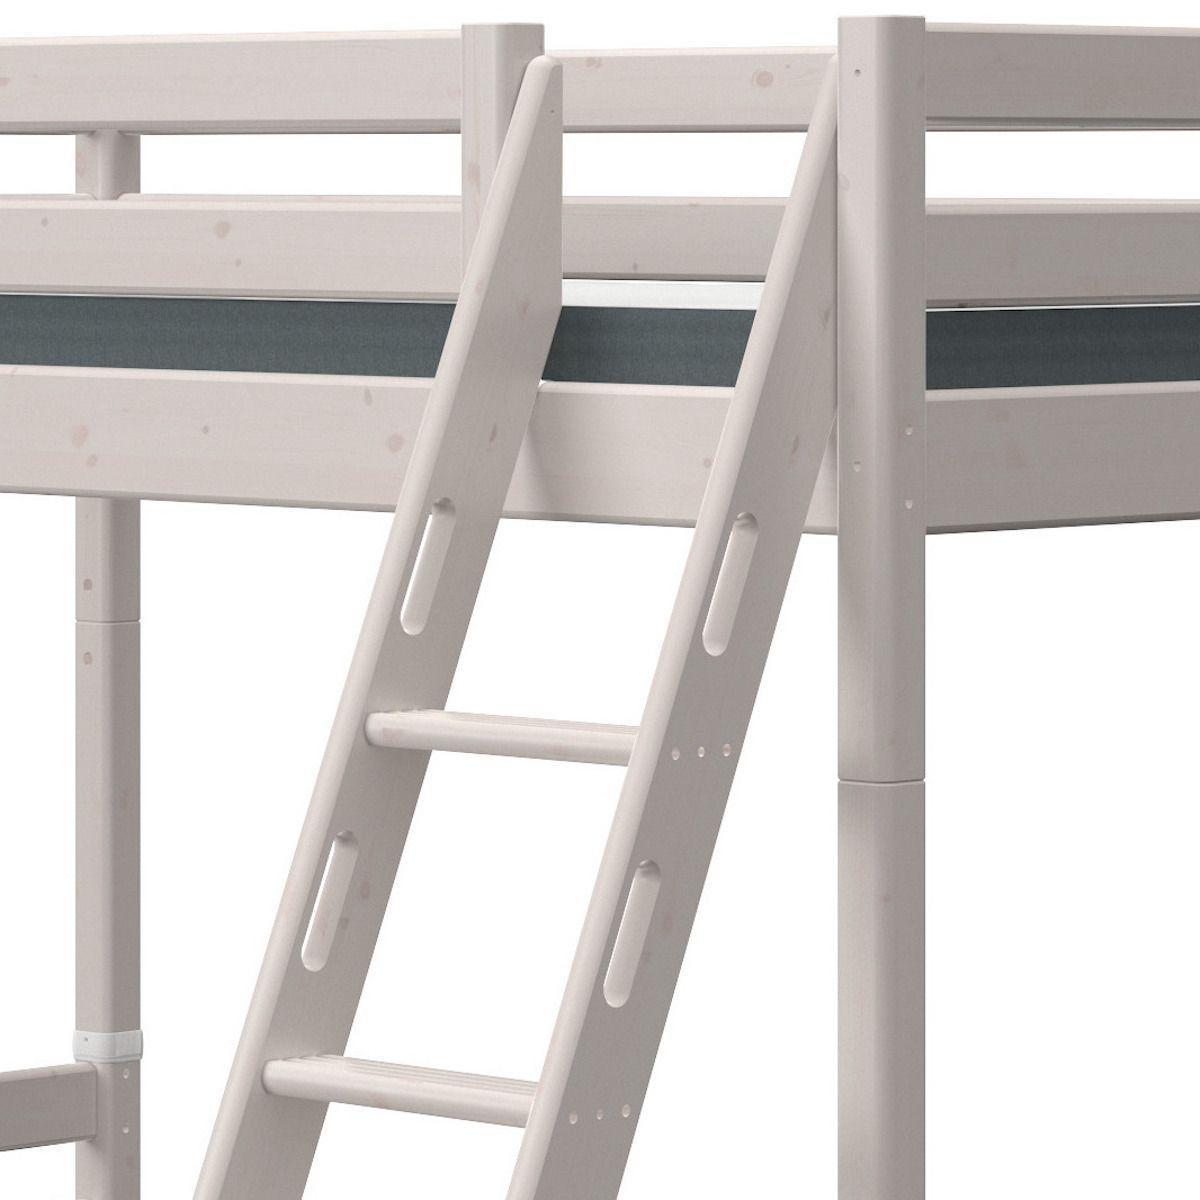 Lit superposé 90-140x190cm échelle inclinée CLASSIC Flexa grey washed